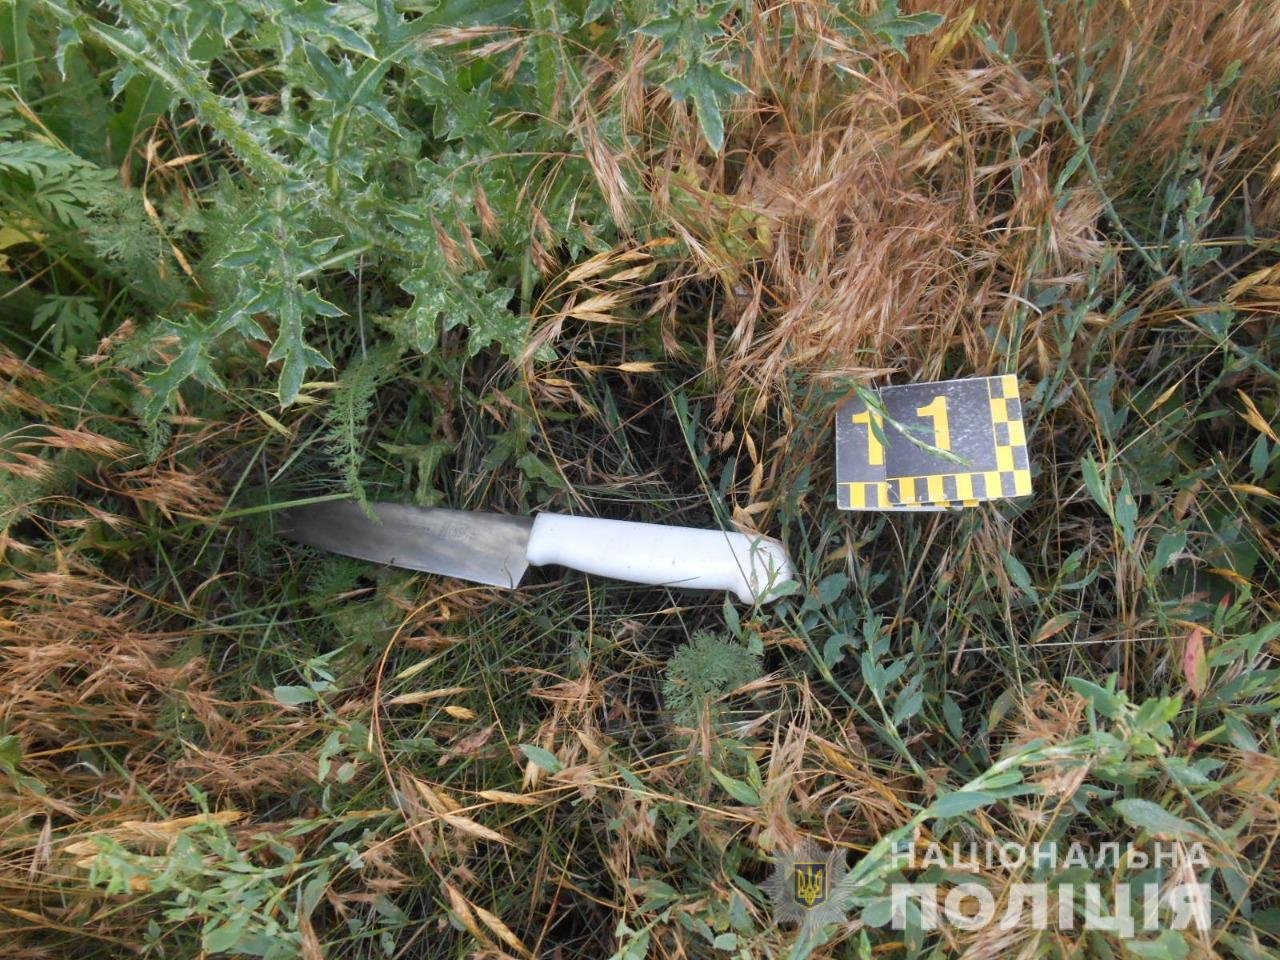 Труп в коридоре дома нашла жена убийцы: на Харьковщине пенсионер зарезал местного жителя, - ФОТО, фото-1